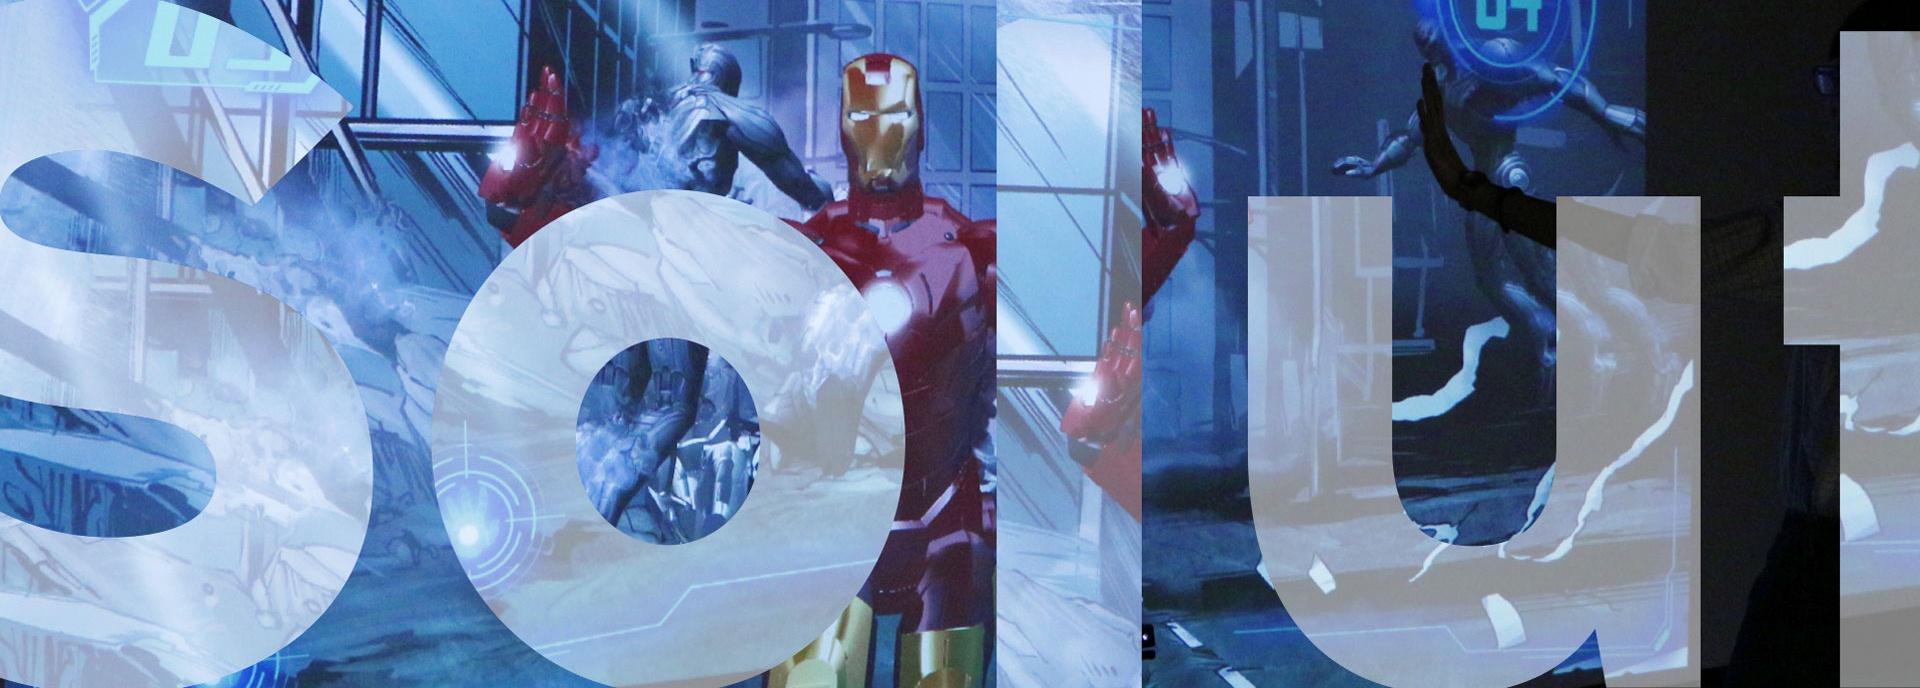 钢铁侠动态主题_香港3D体验馆,体感钢铁侠, AR, 大屏互动游戏,体感游戏 | 珠海市 ...